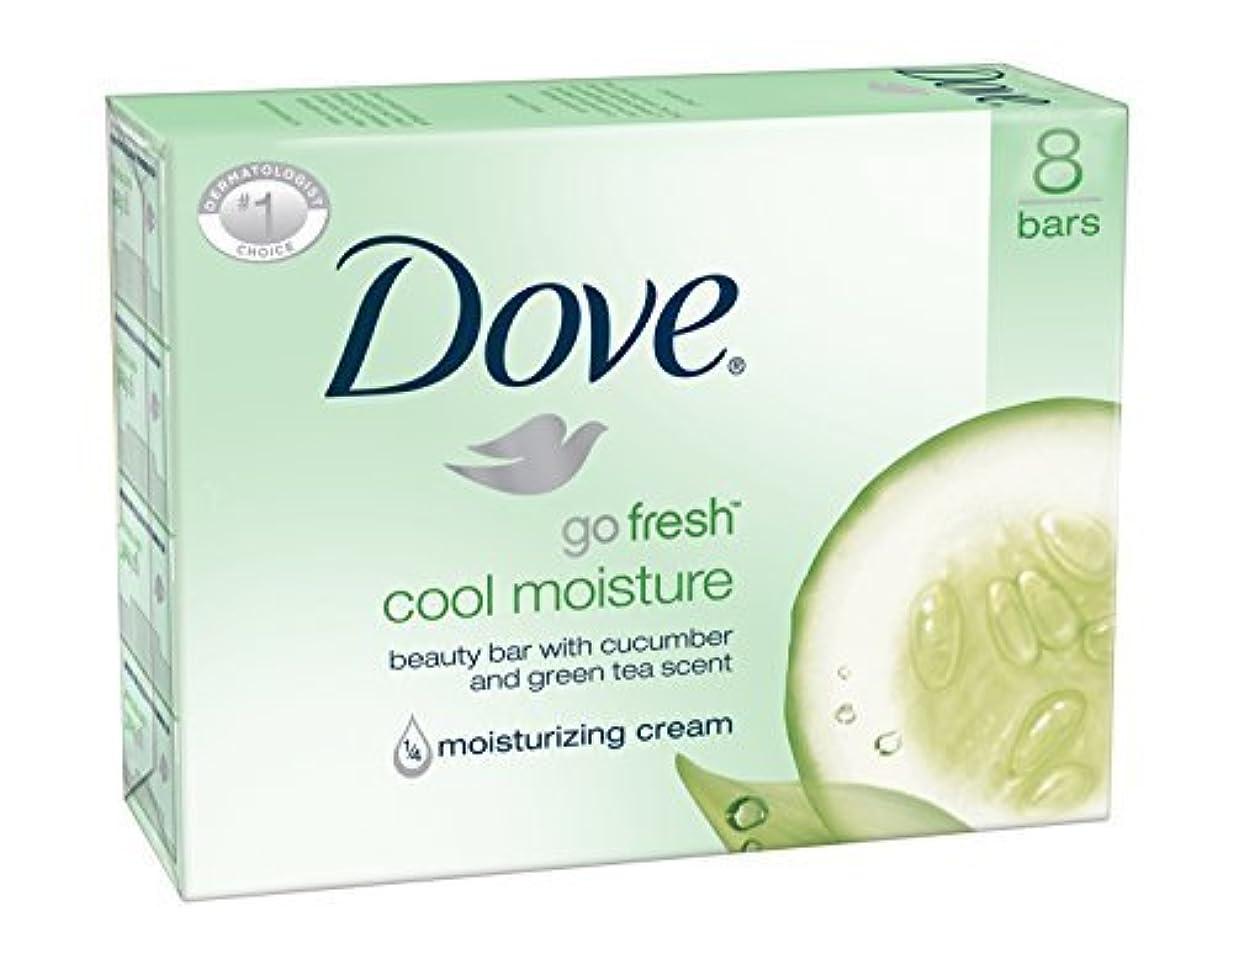 カフェグリーンランド問題Dove Bar Soap, Cool Moisture, 16 Count [並行輸入品]